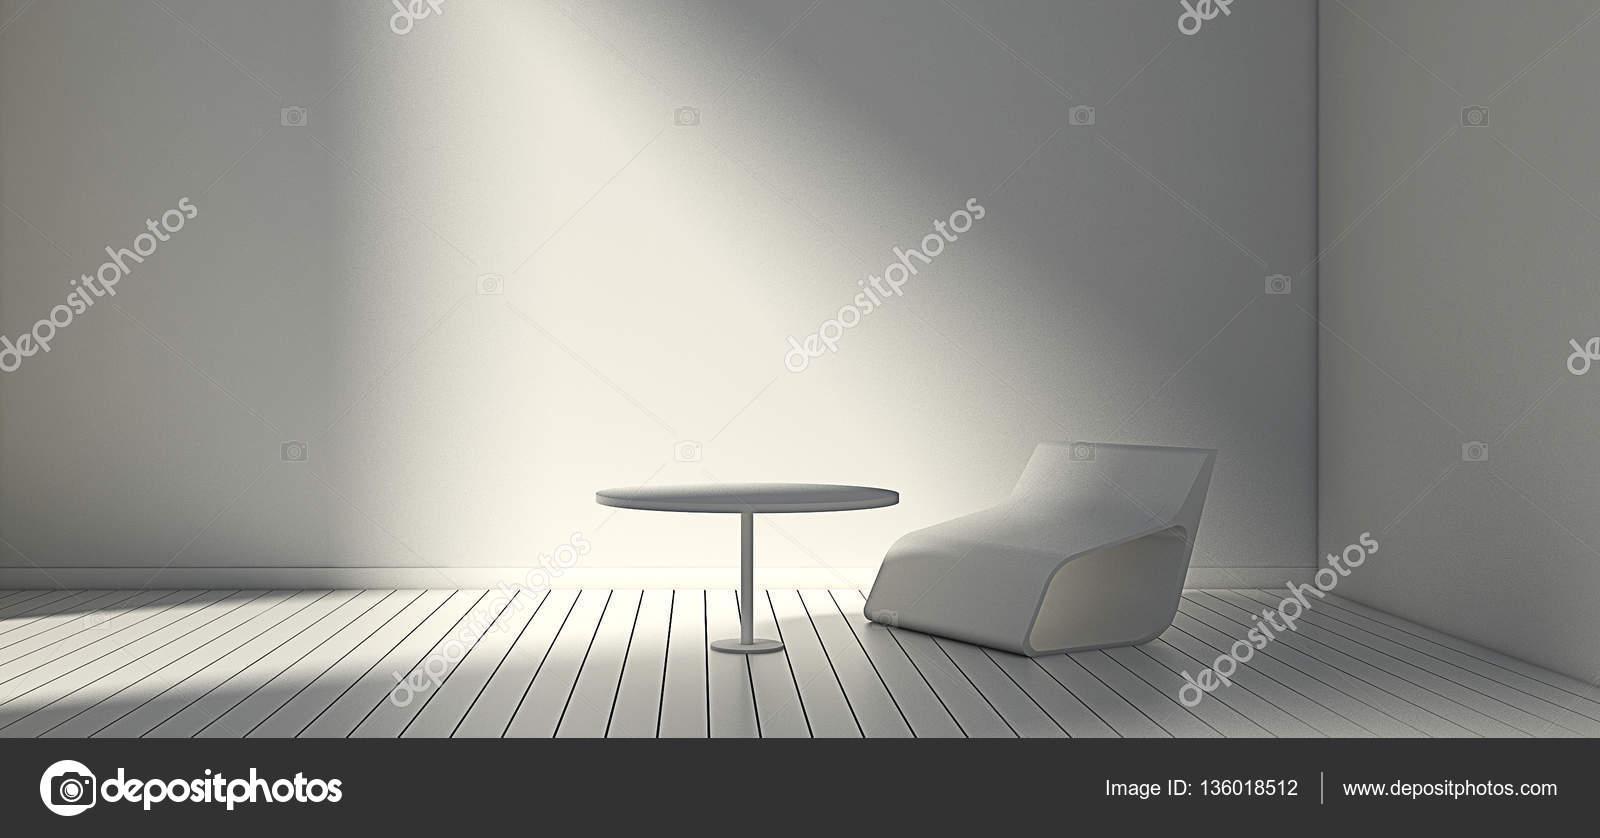 Cadeira Moderna Branca E Parede Na Sala De Estar Simples Imagem De